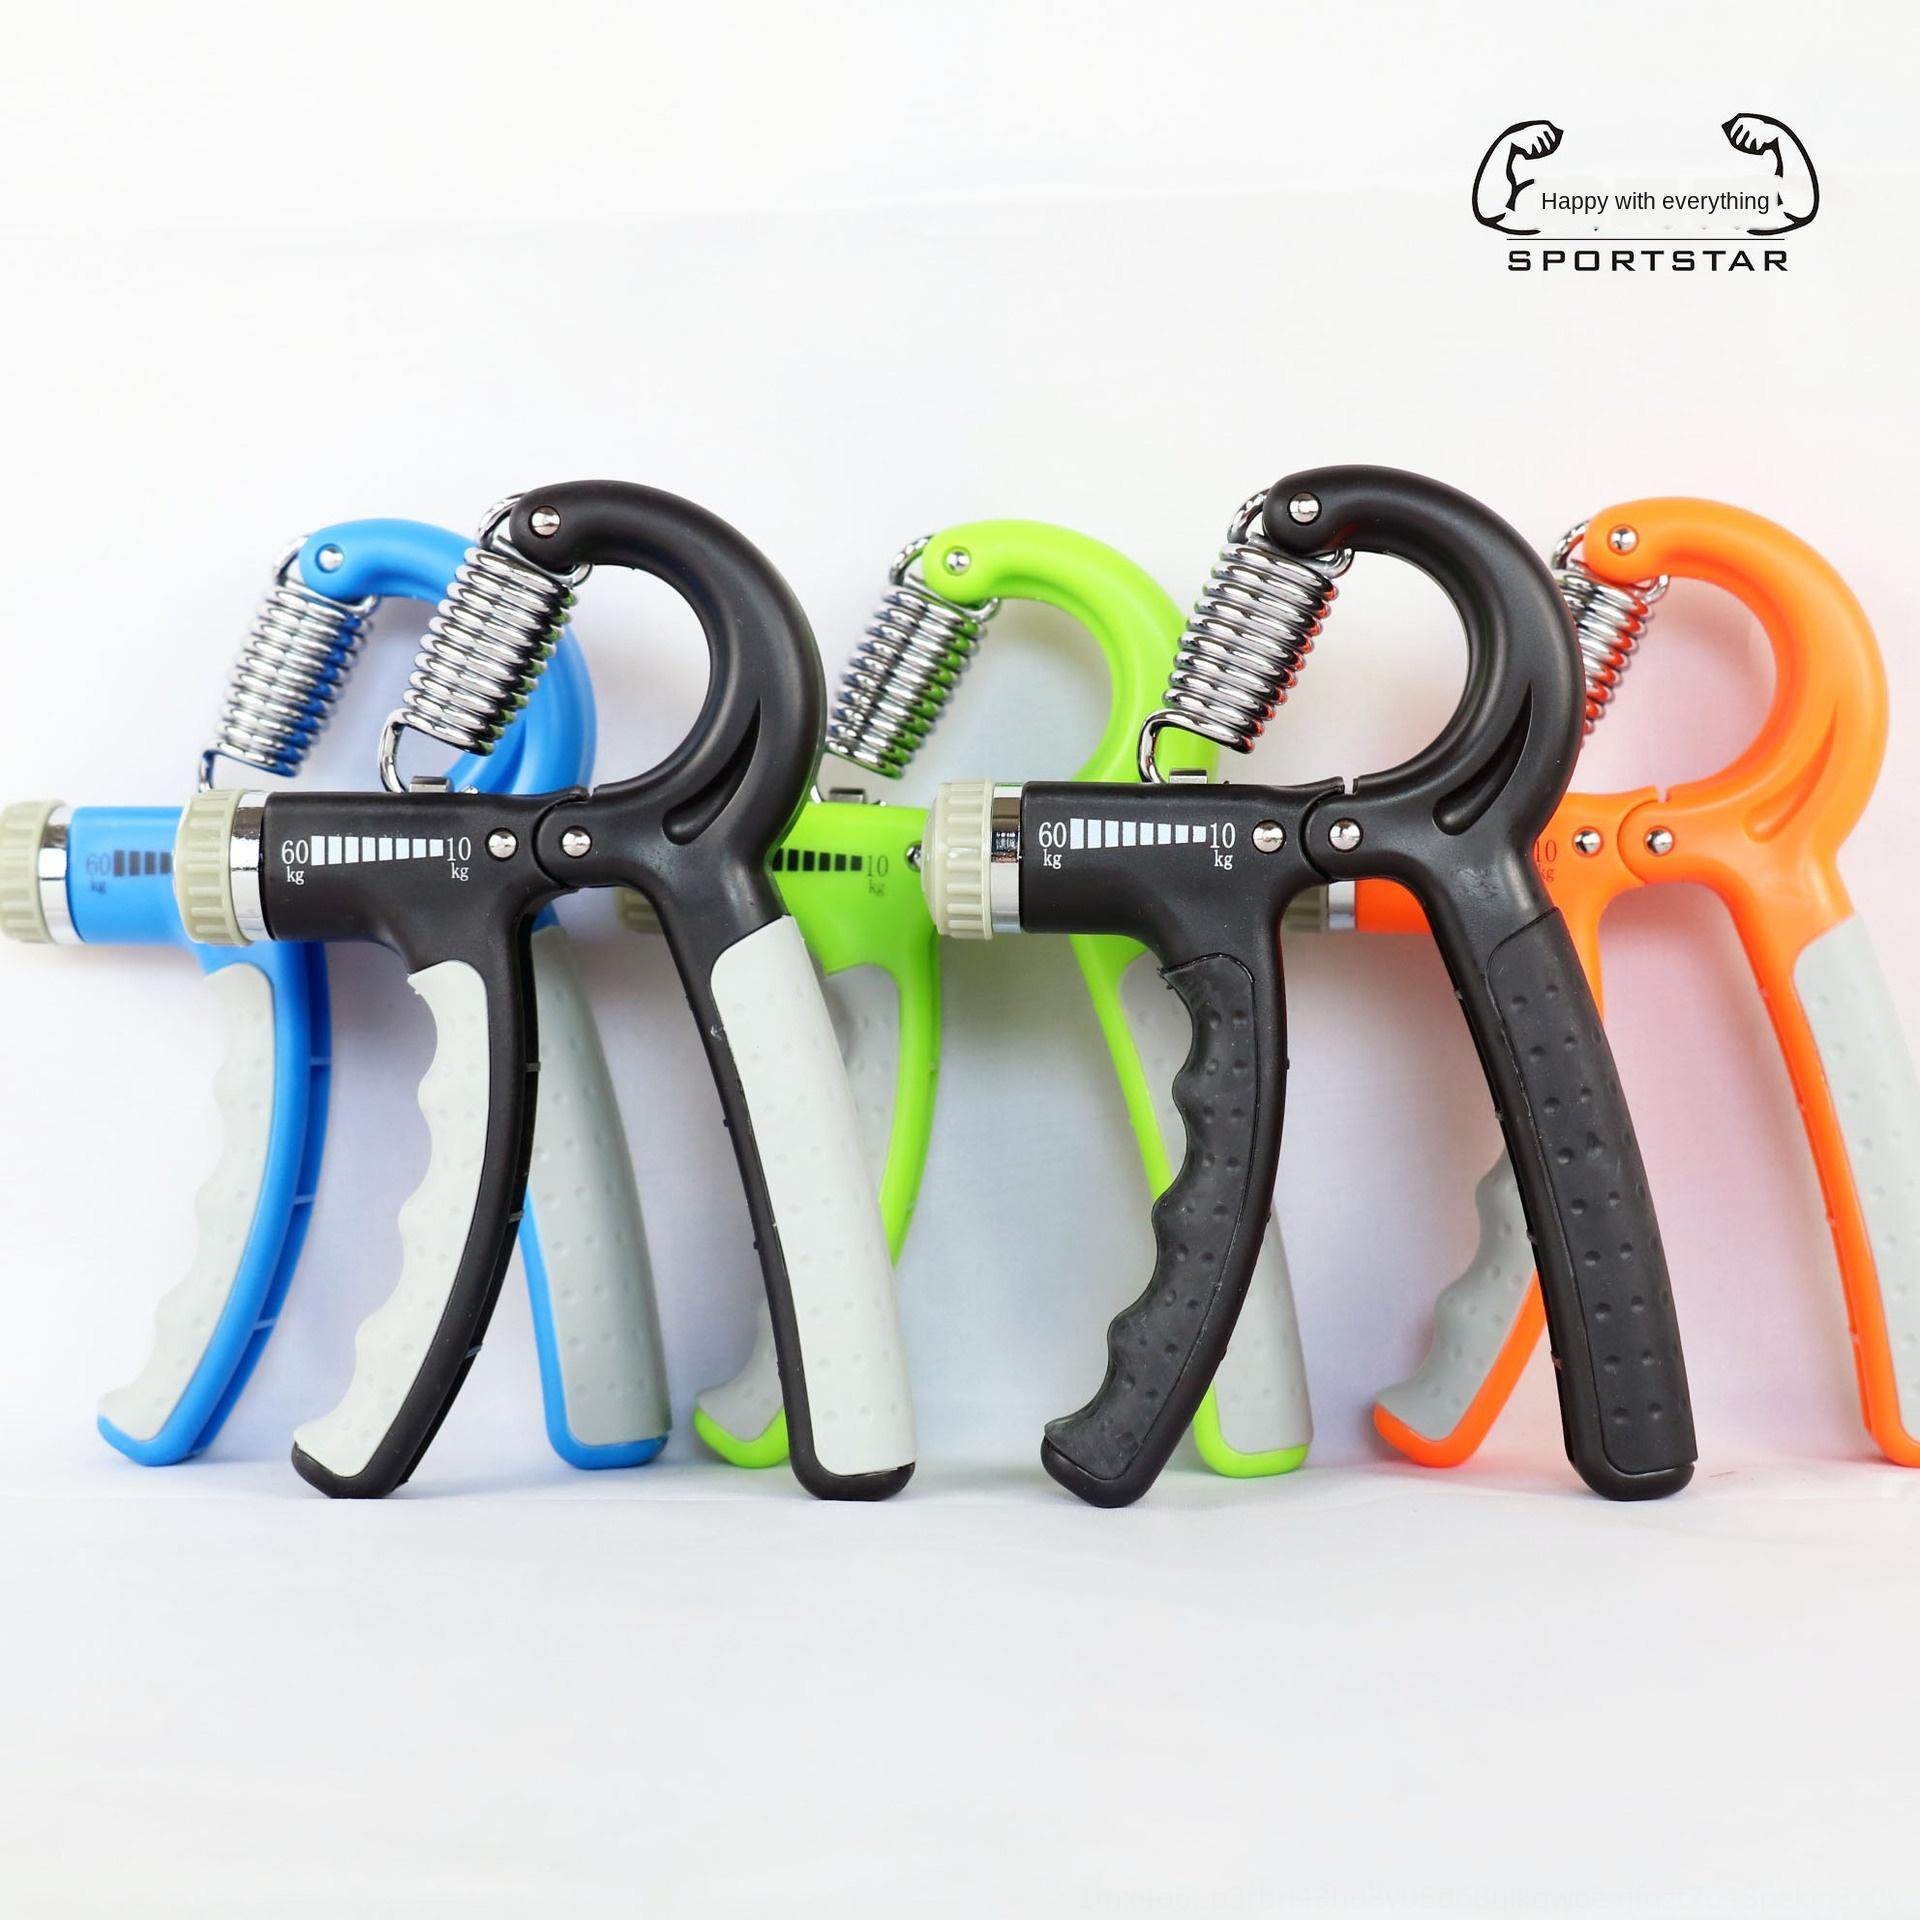 3lL7g Регулируемая удлиненной ручка палец реабилитации тренировка портативная Регулируемая GRIP удлиняется Оборудование ручка пальца реабилитация